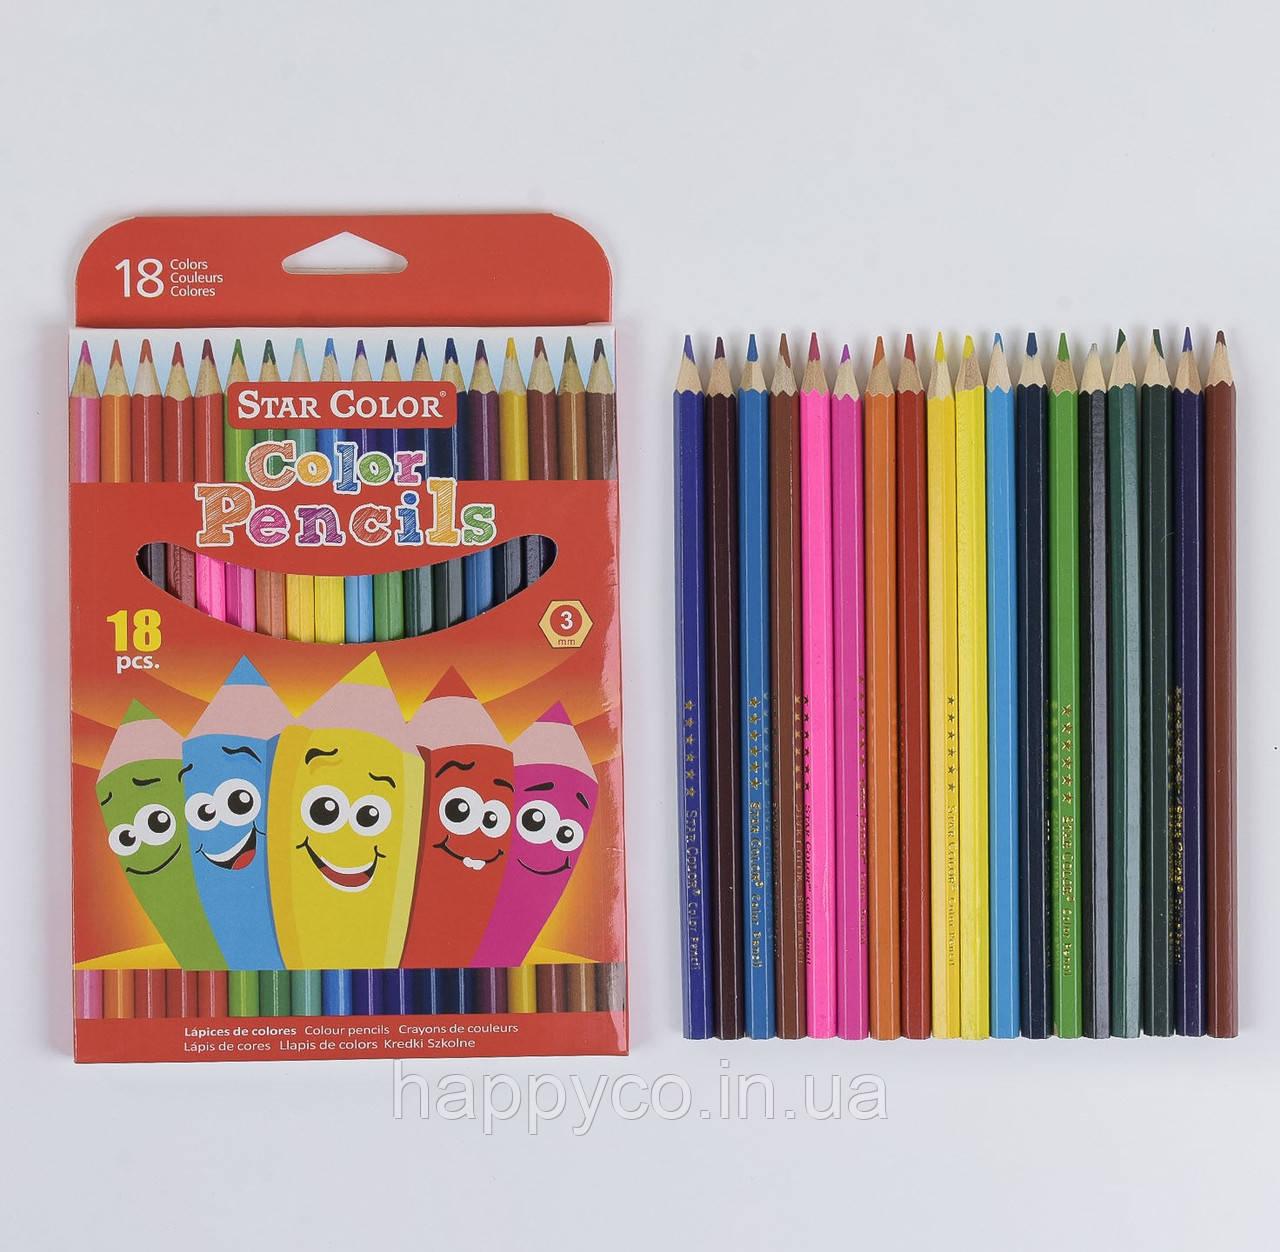 Карандаши цветные в упаковке 18 цветов